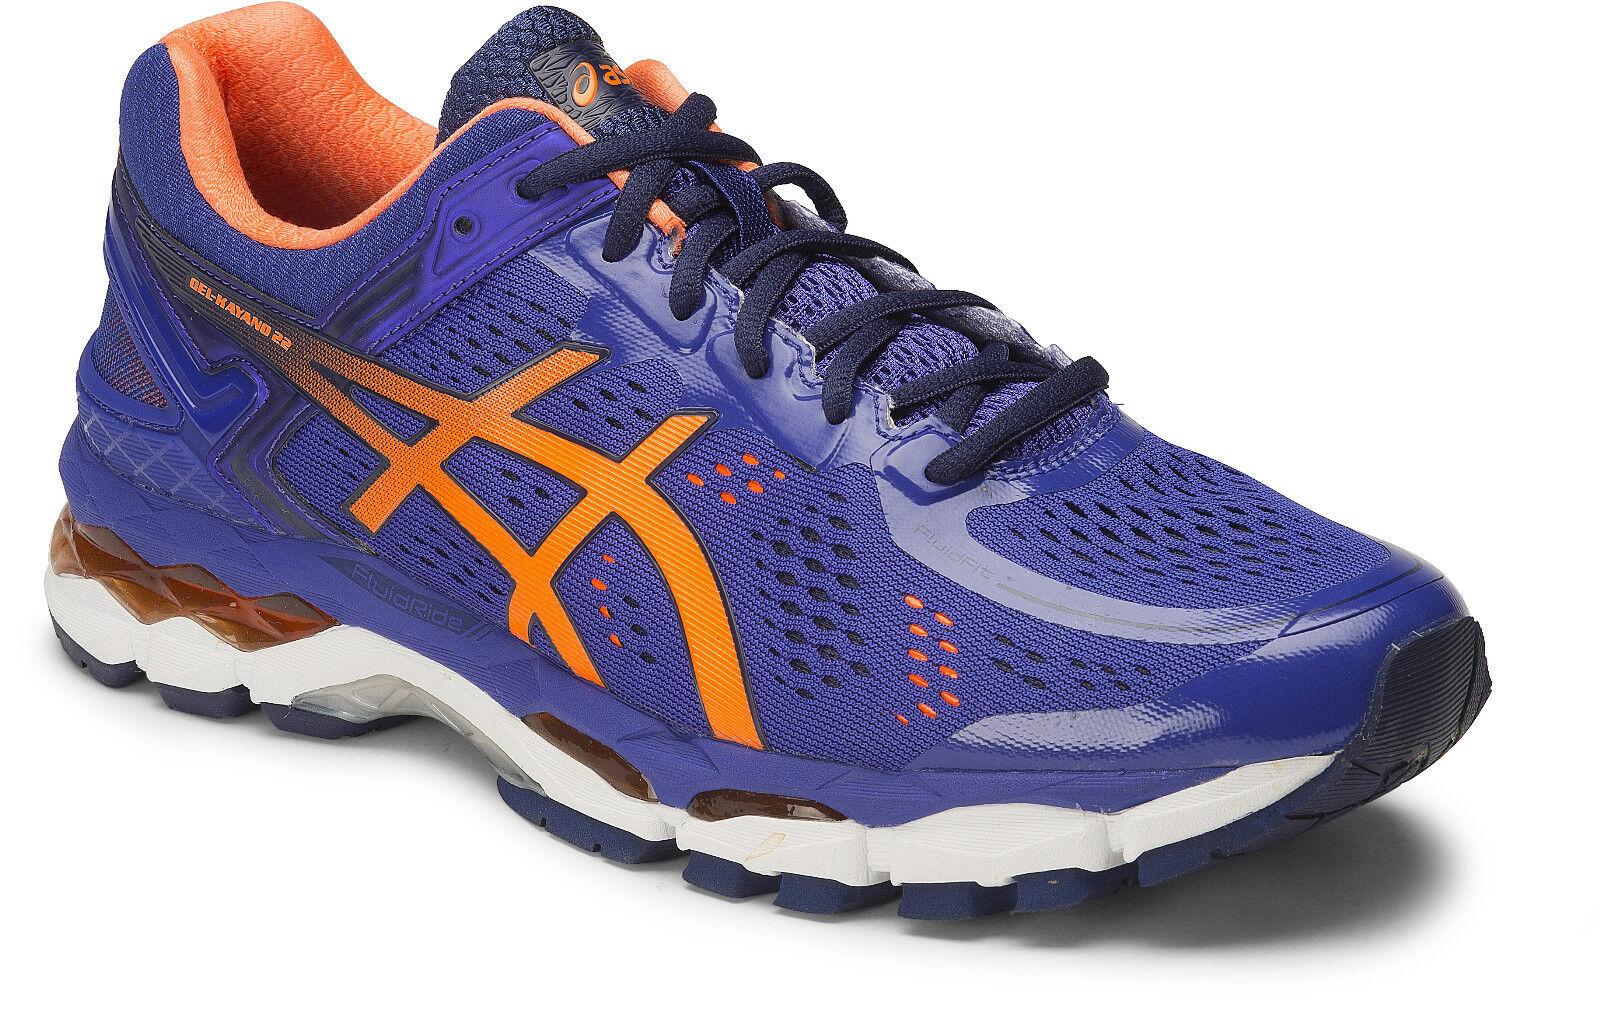 Asics Gel Kayano 22 Mens Running Shoe (D) (4330) | SAVE $$$